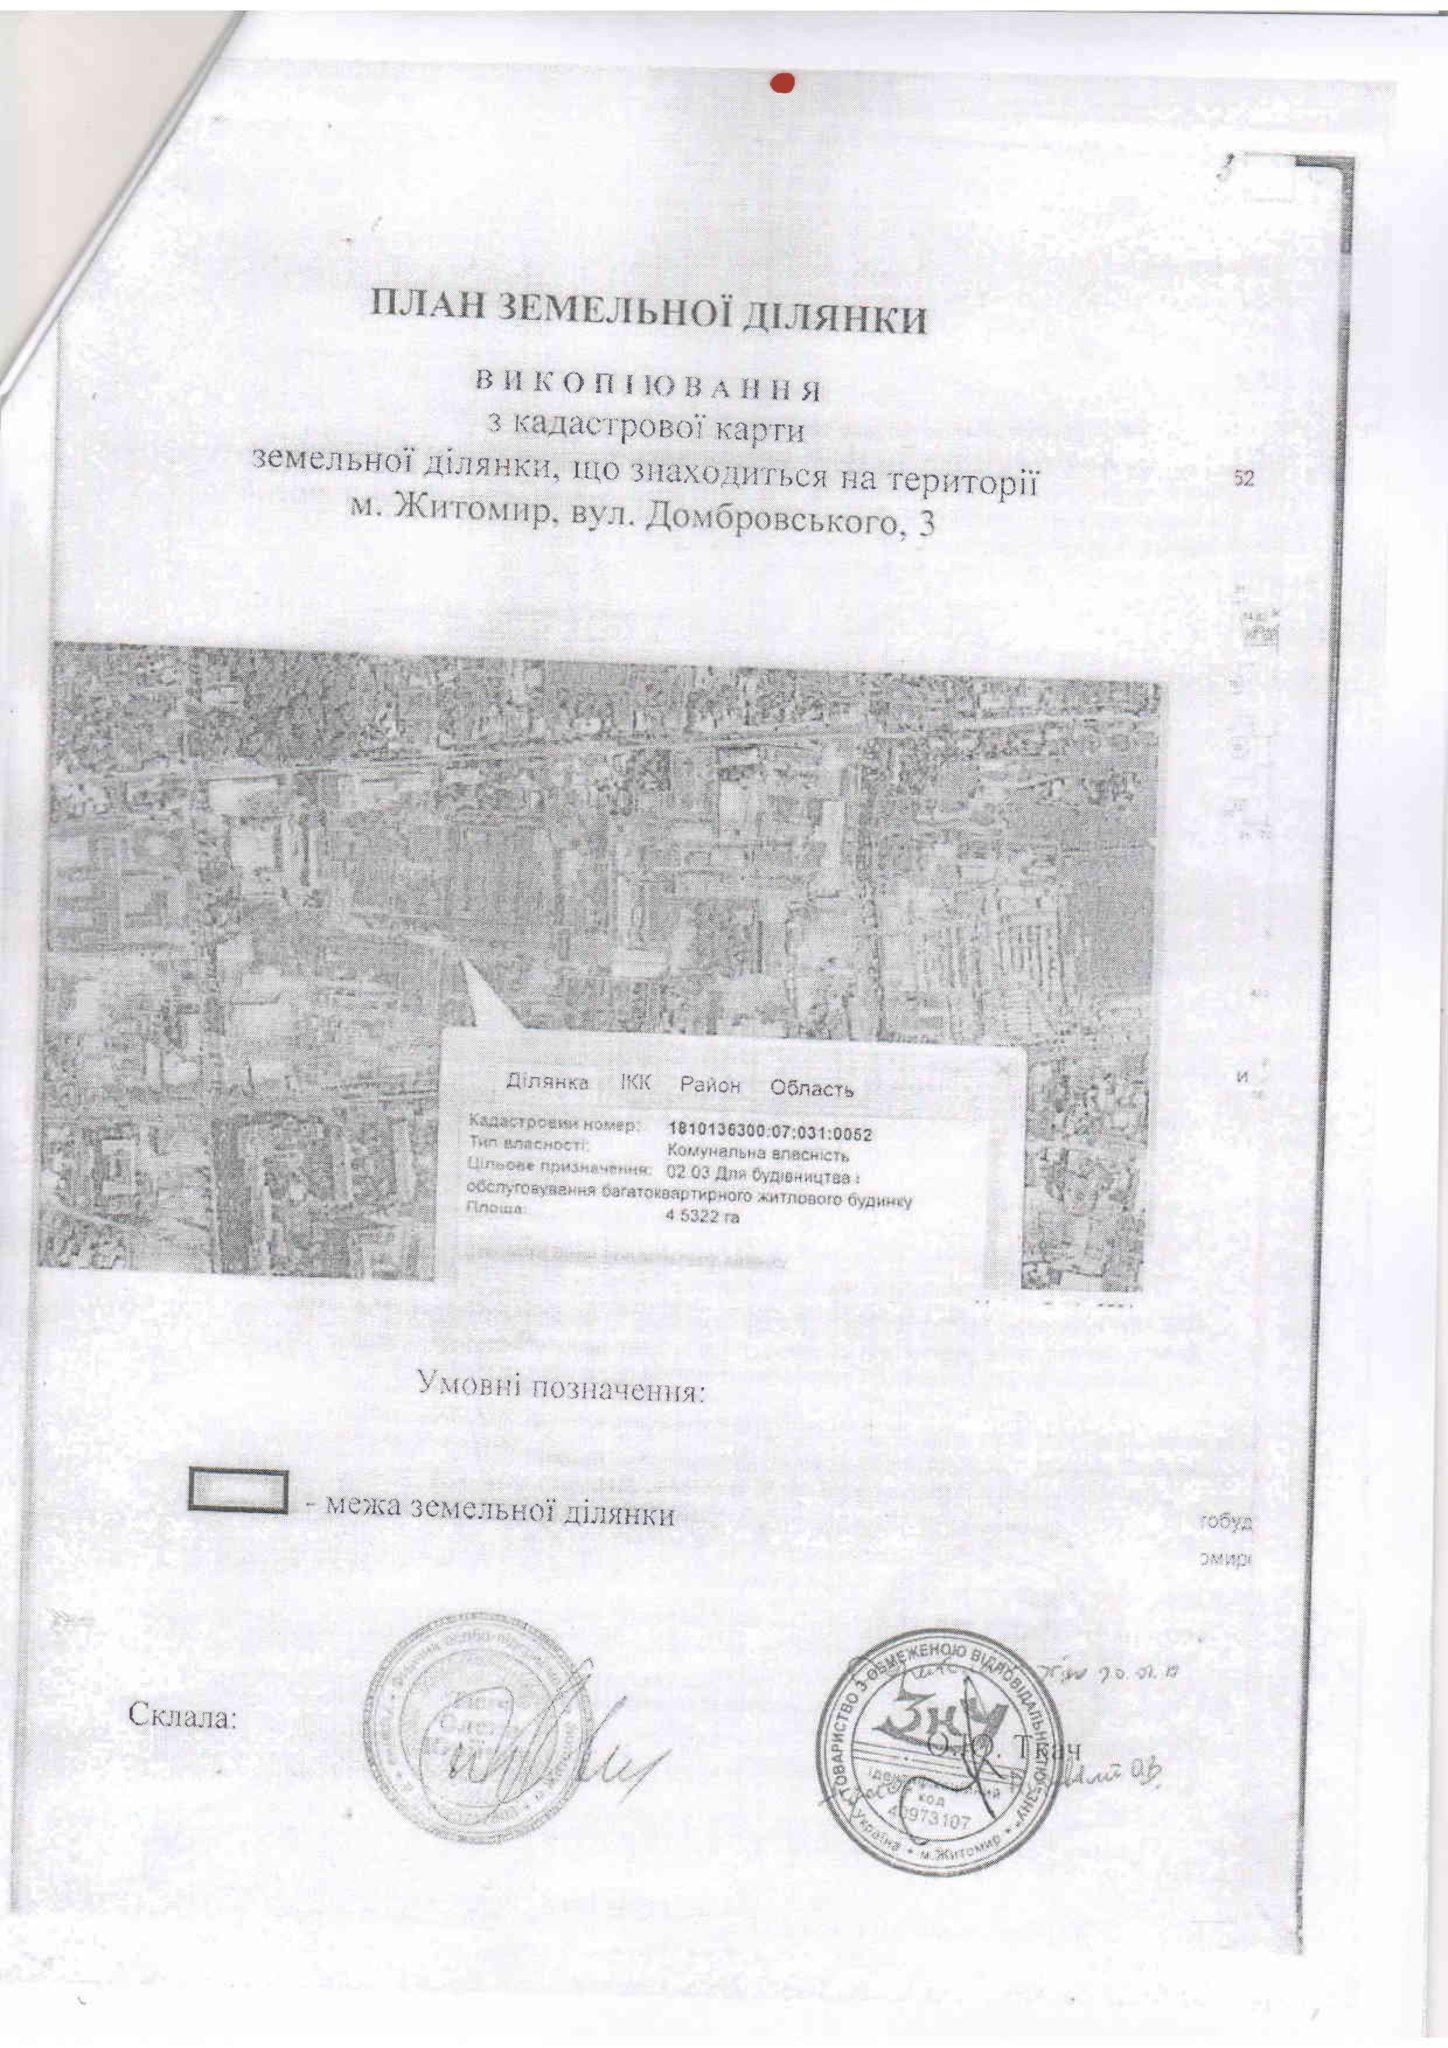 https://grandcity.zt.ua/wp-content/uploads/2019/06/Skanirovat10006.pdf